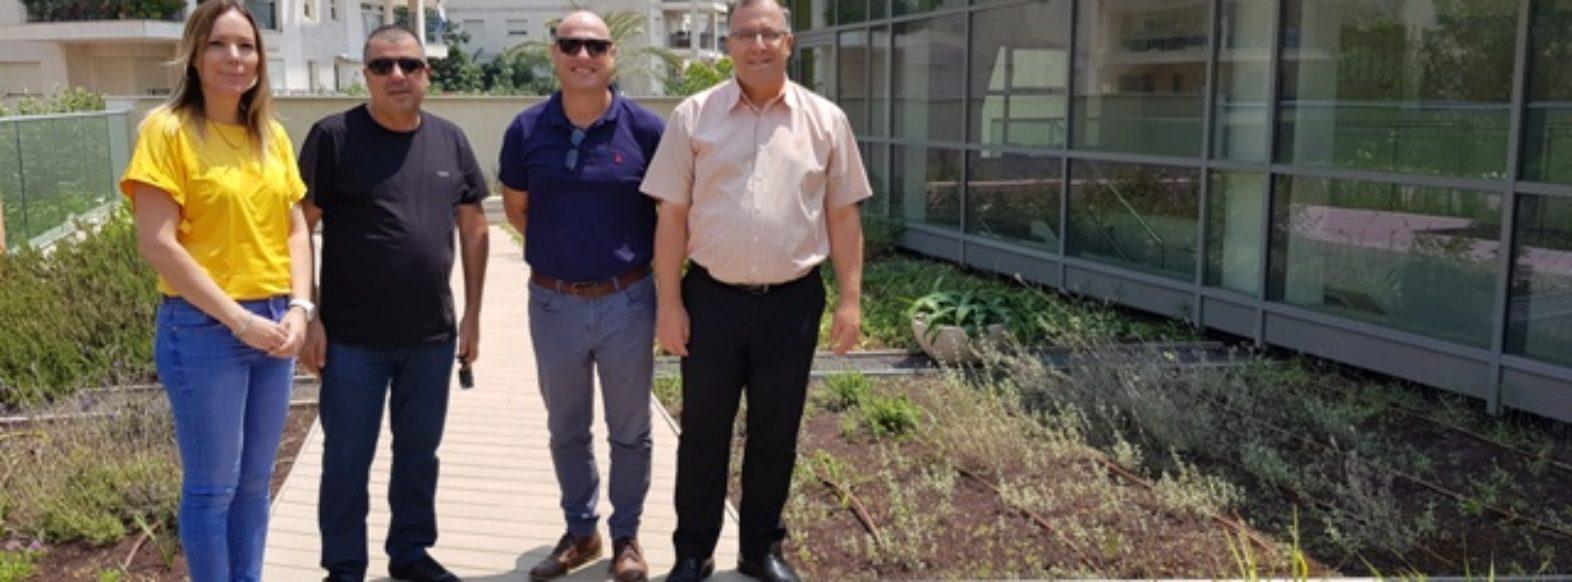 """אלי דוקורסקי אירח את יו""""ר ועדת תכנון ובניה של מחוז חיפה, איתמר בן דוד"""